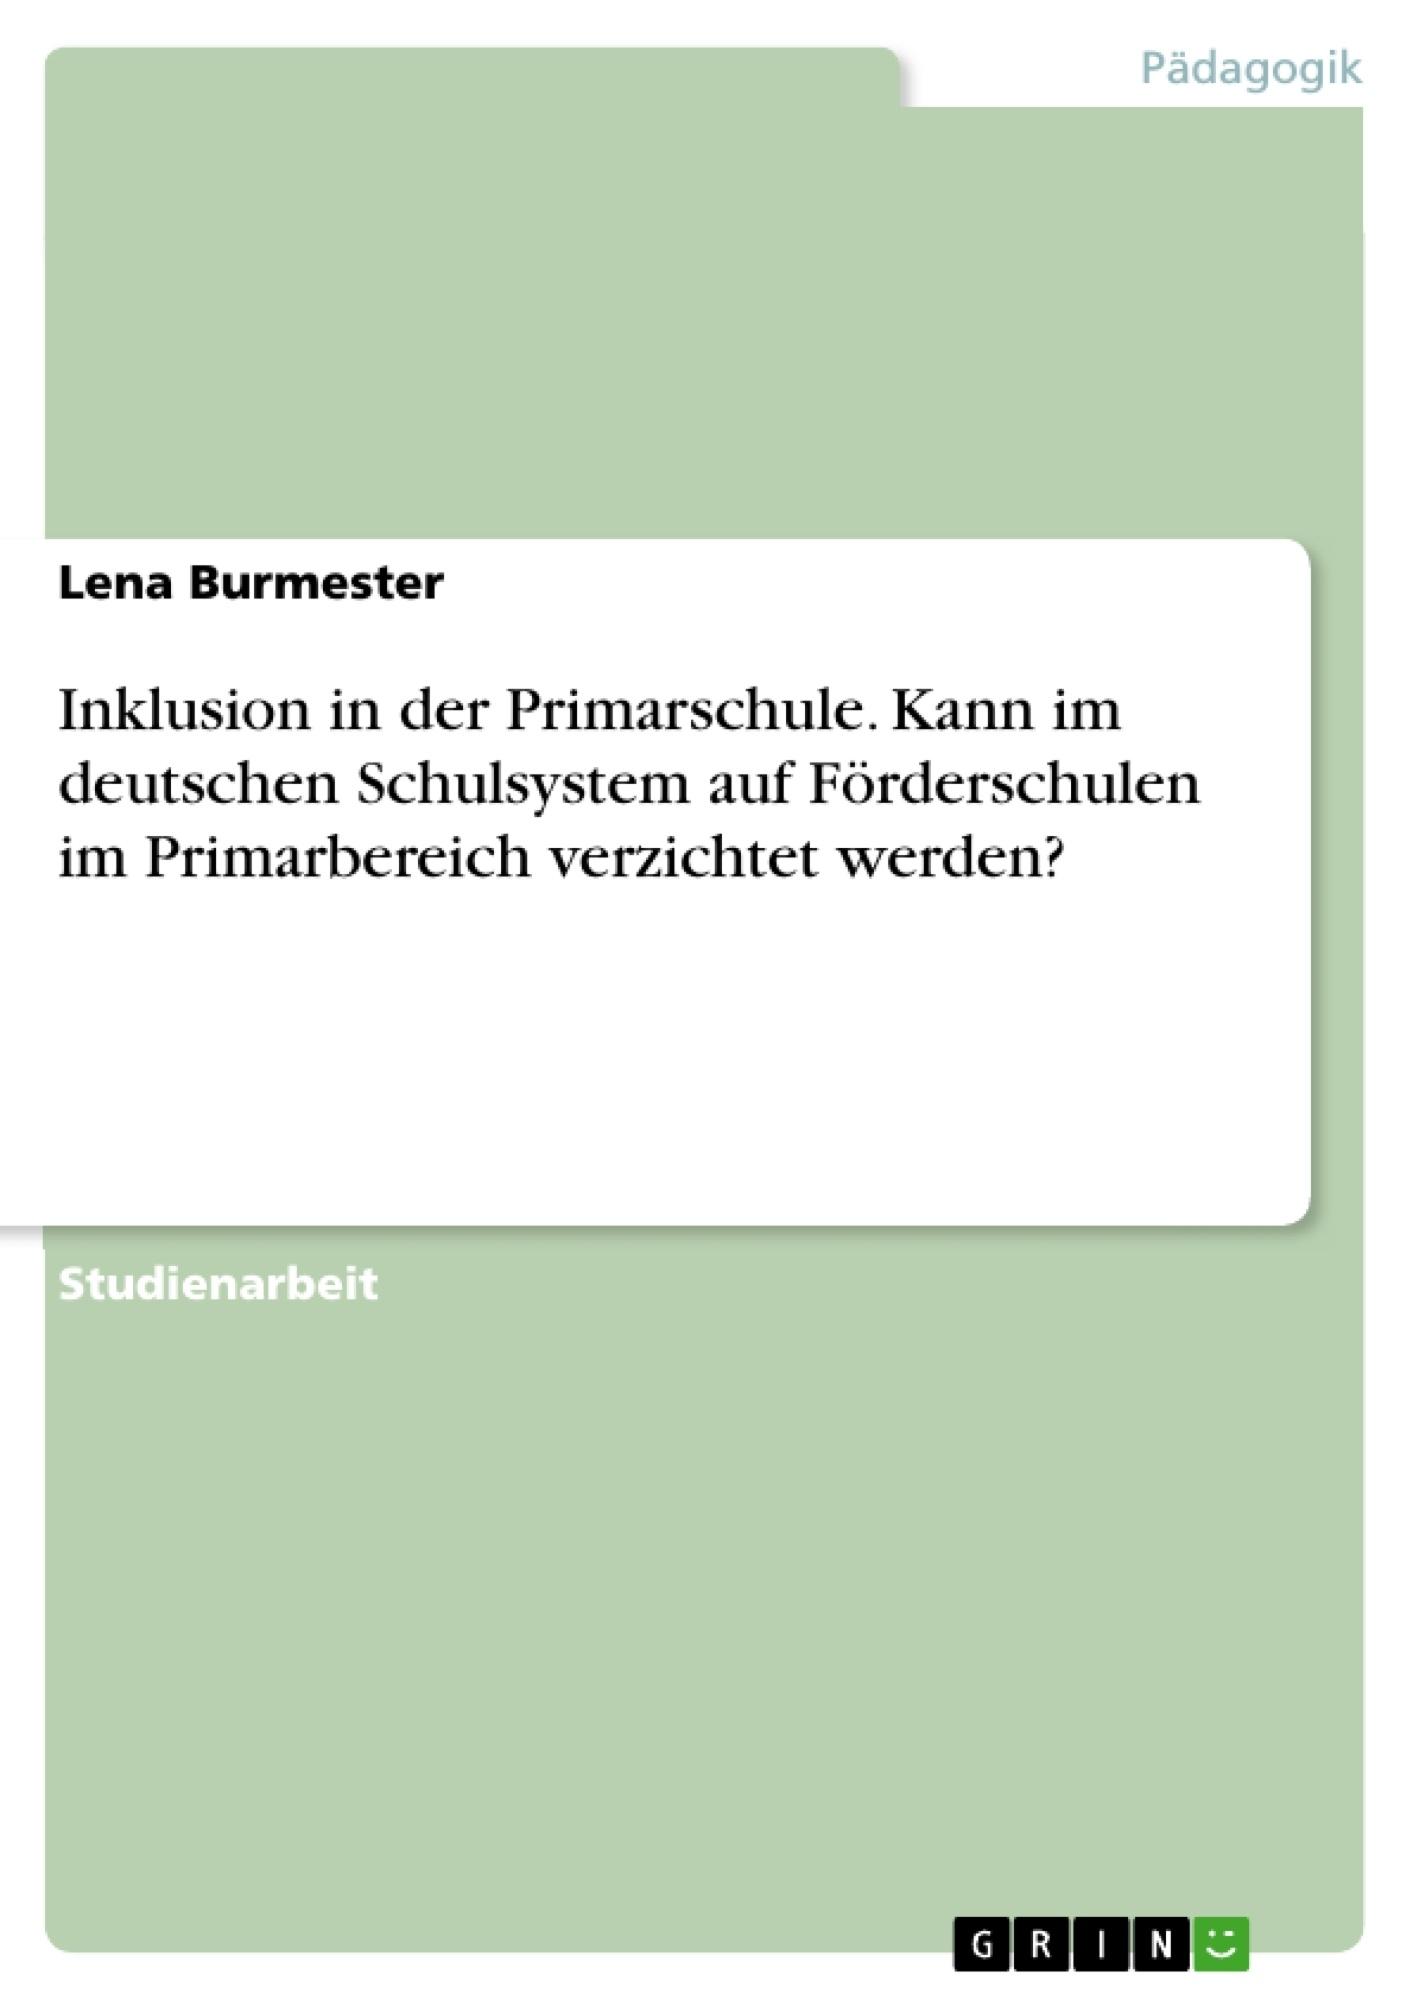 Titel: Inklusion in der Primarschule. Kann im deutschen Schulsystem auf Förderschulen im Primarbereich verzichtet werden?